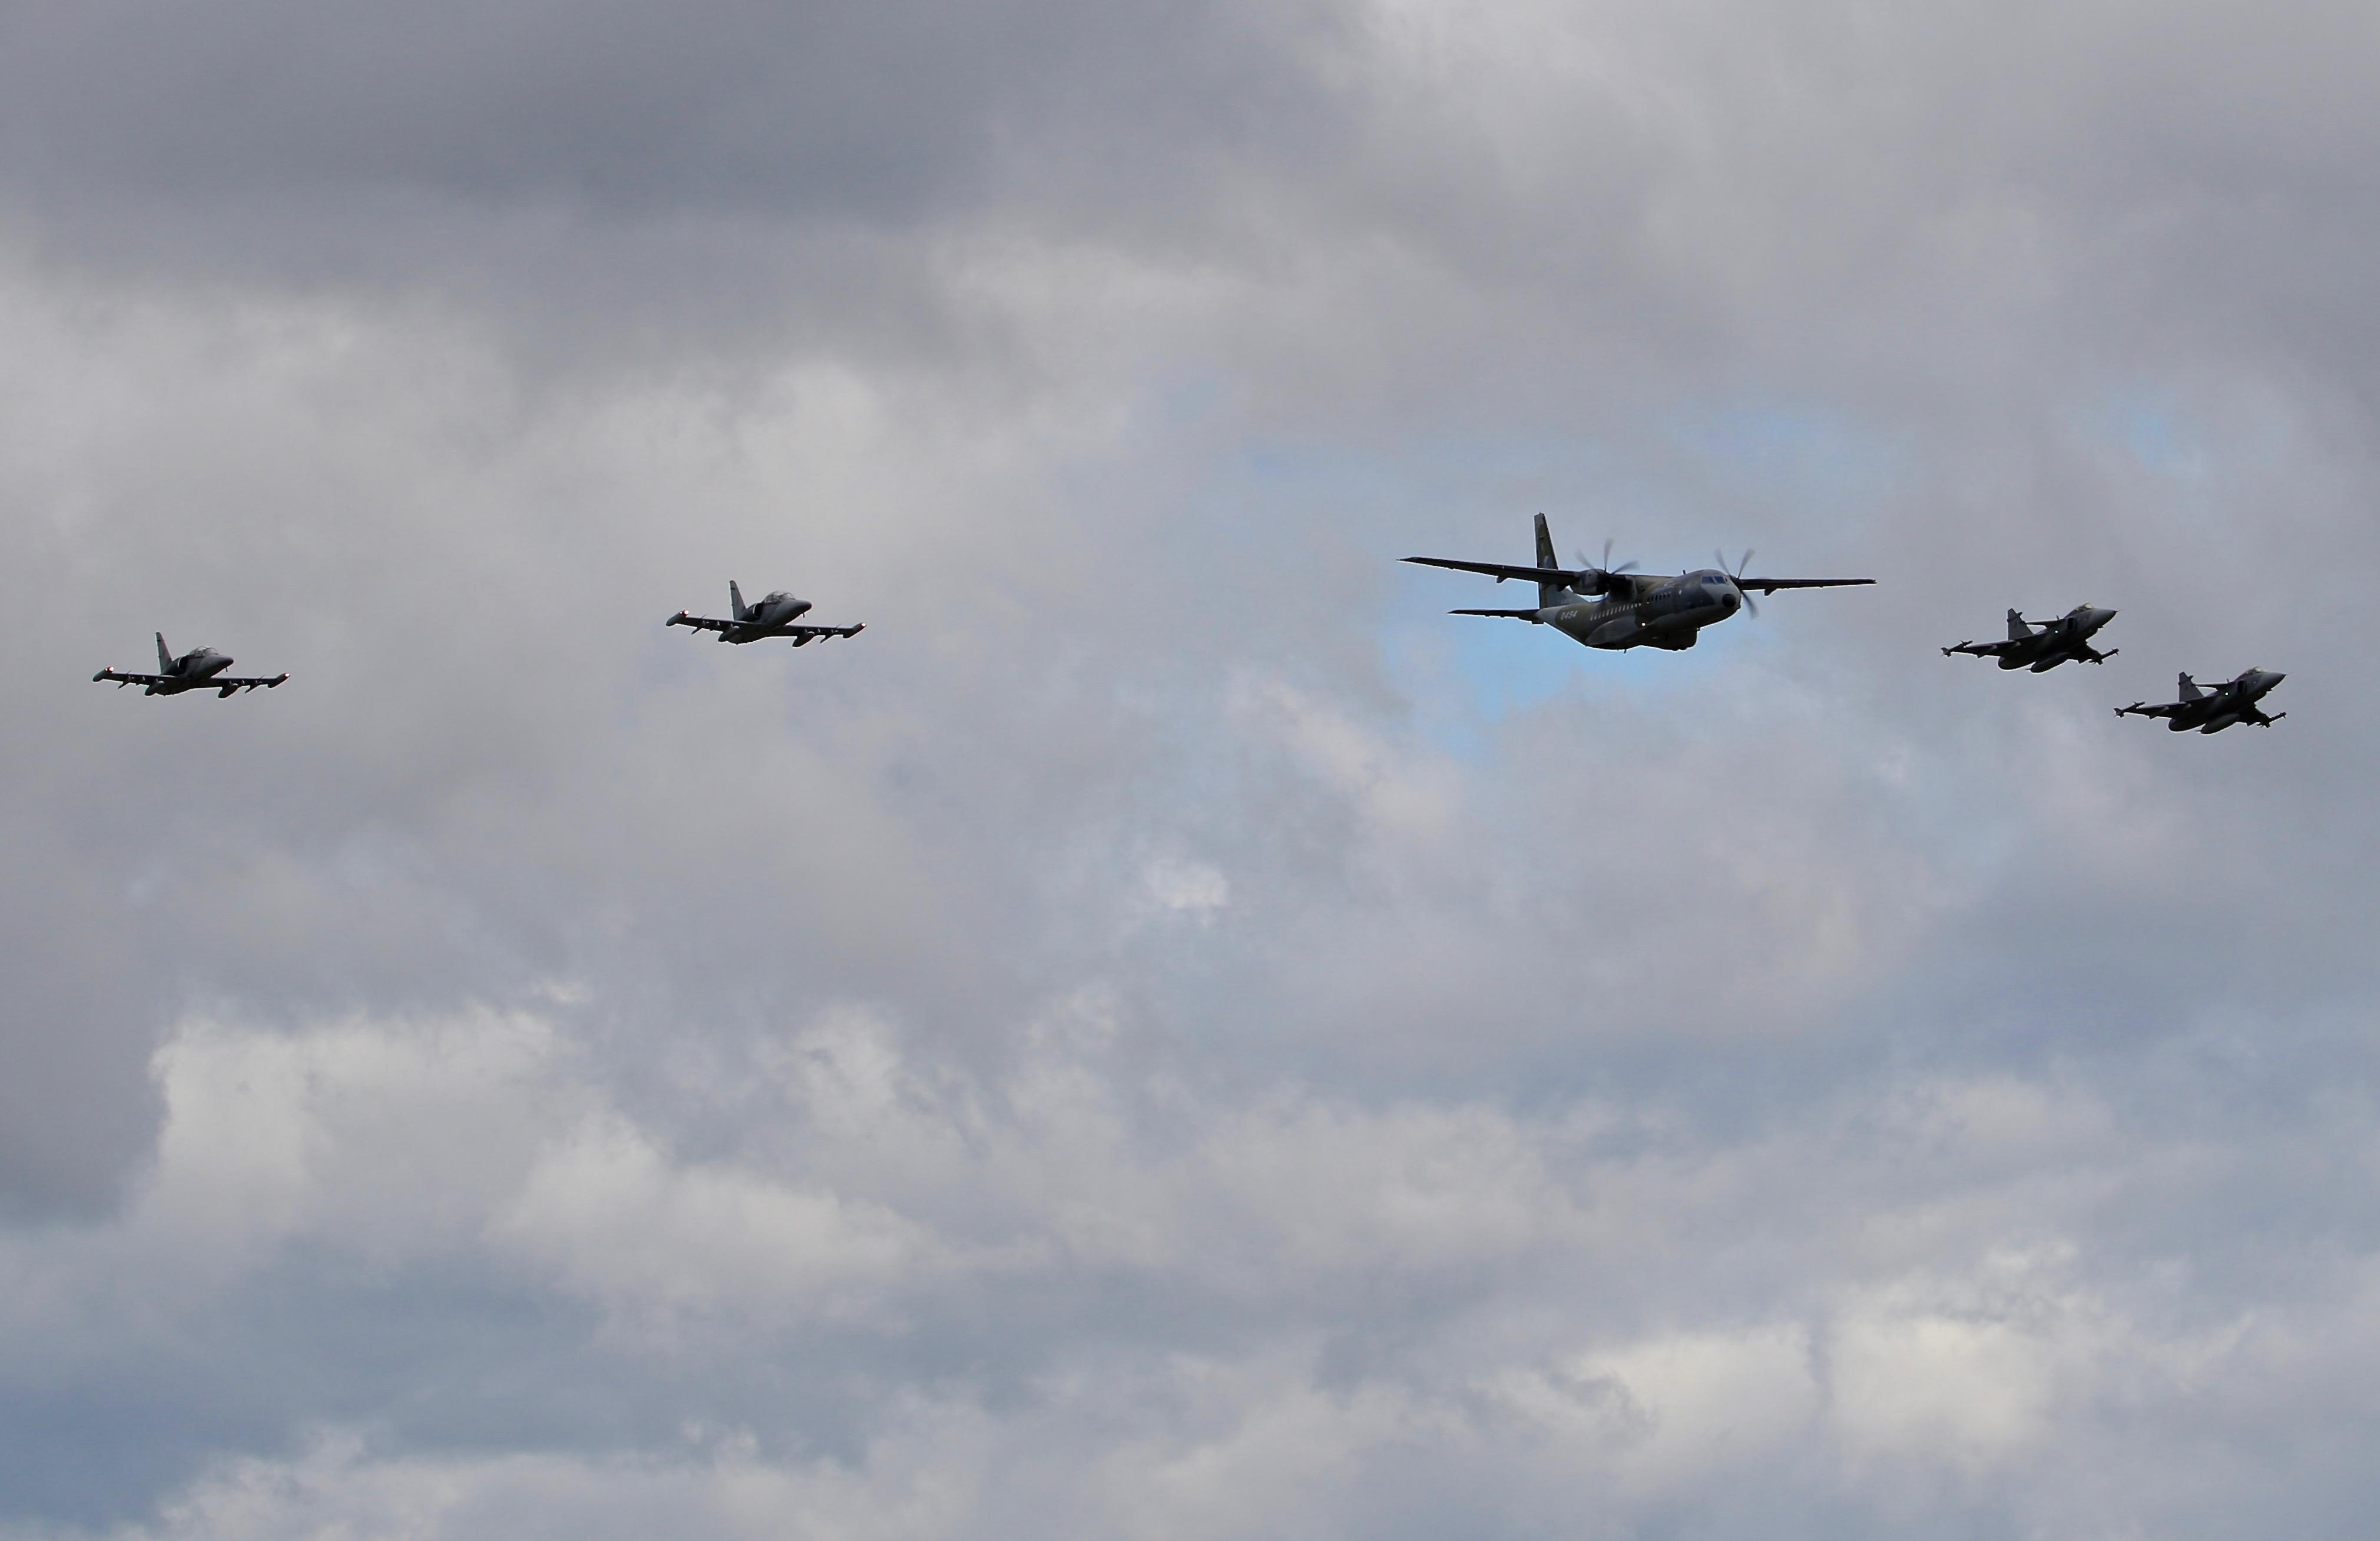 Czech AF Casa C295m, L159 Alca x2 and Jas39c Gripen x2